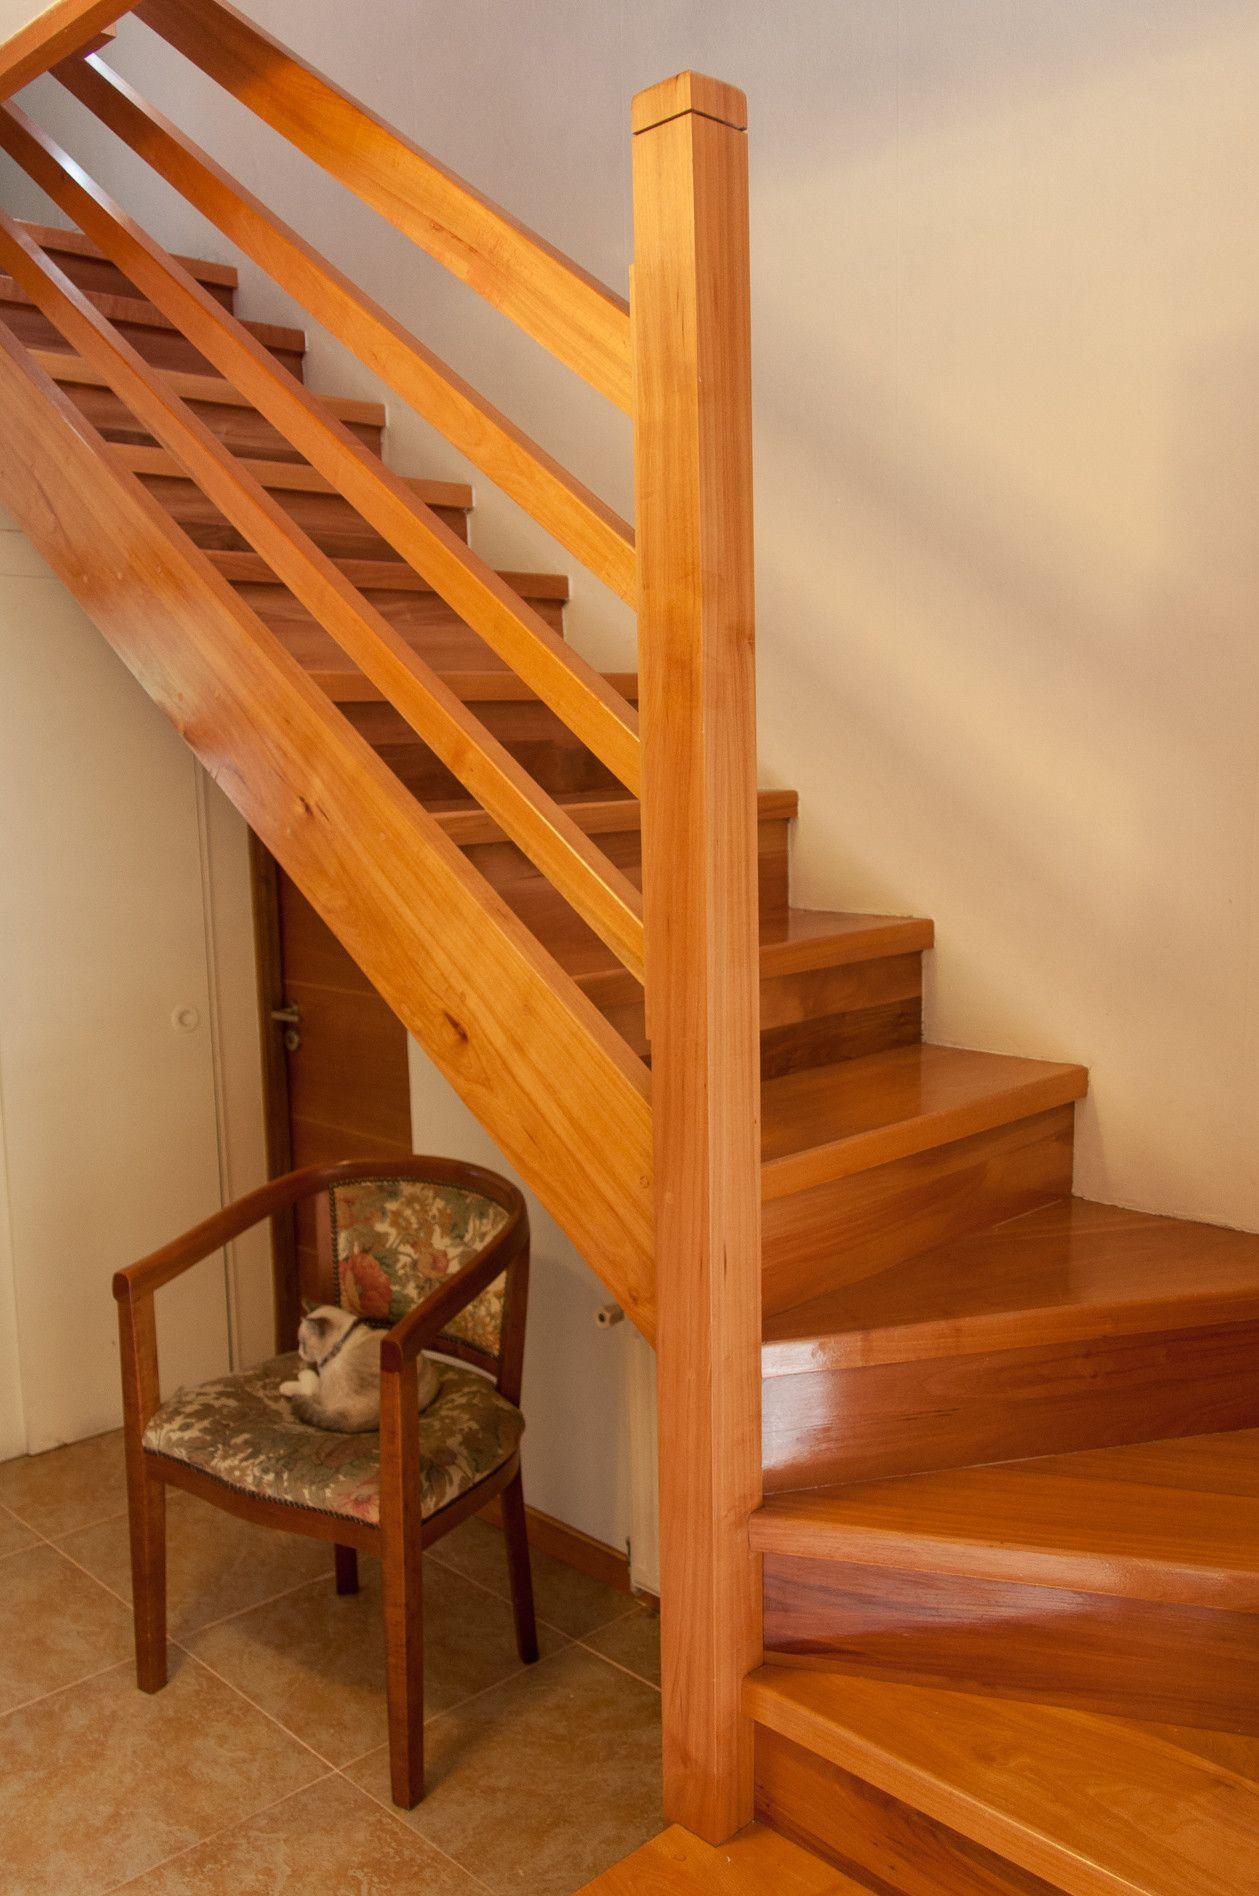 Escaleras L Escaleras De Madera Barandas Y Pasamanos Mis Pasamanos De Madera Para Escaleras Escaleras De Madera Escaleras De Madera Interiores Gradas De Madera